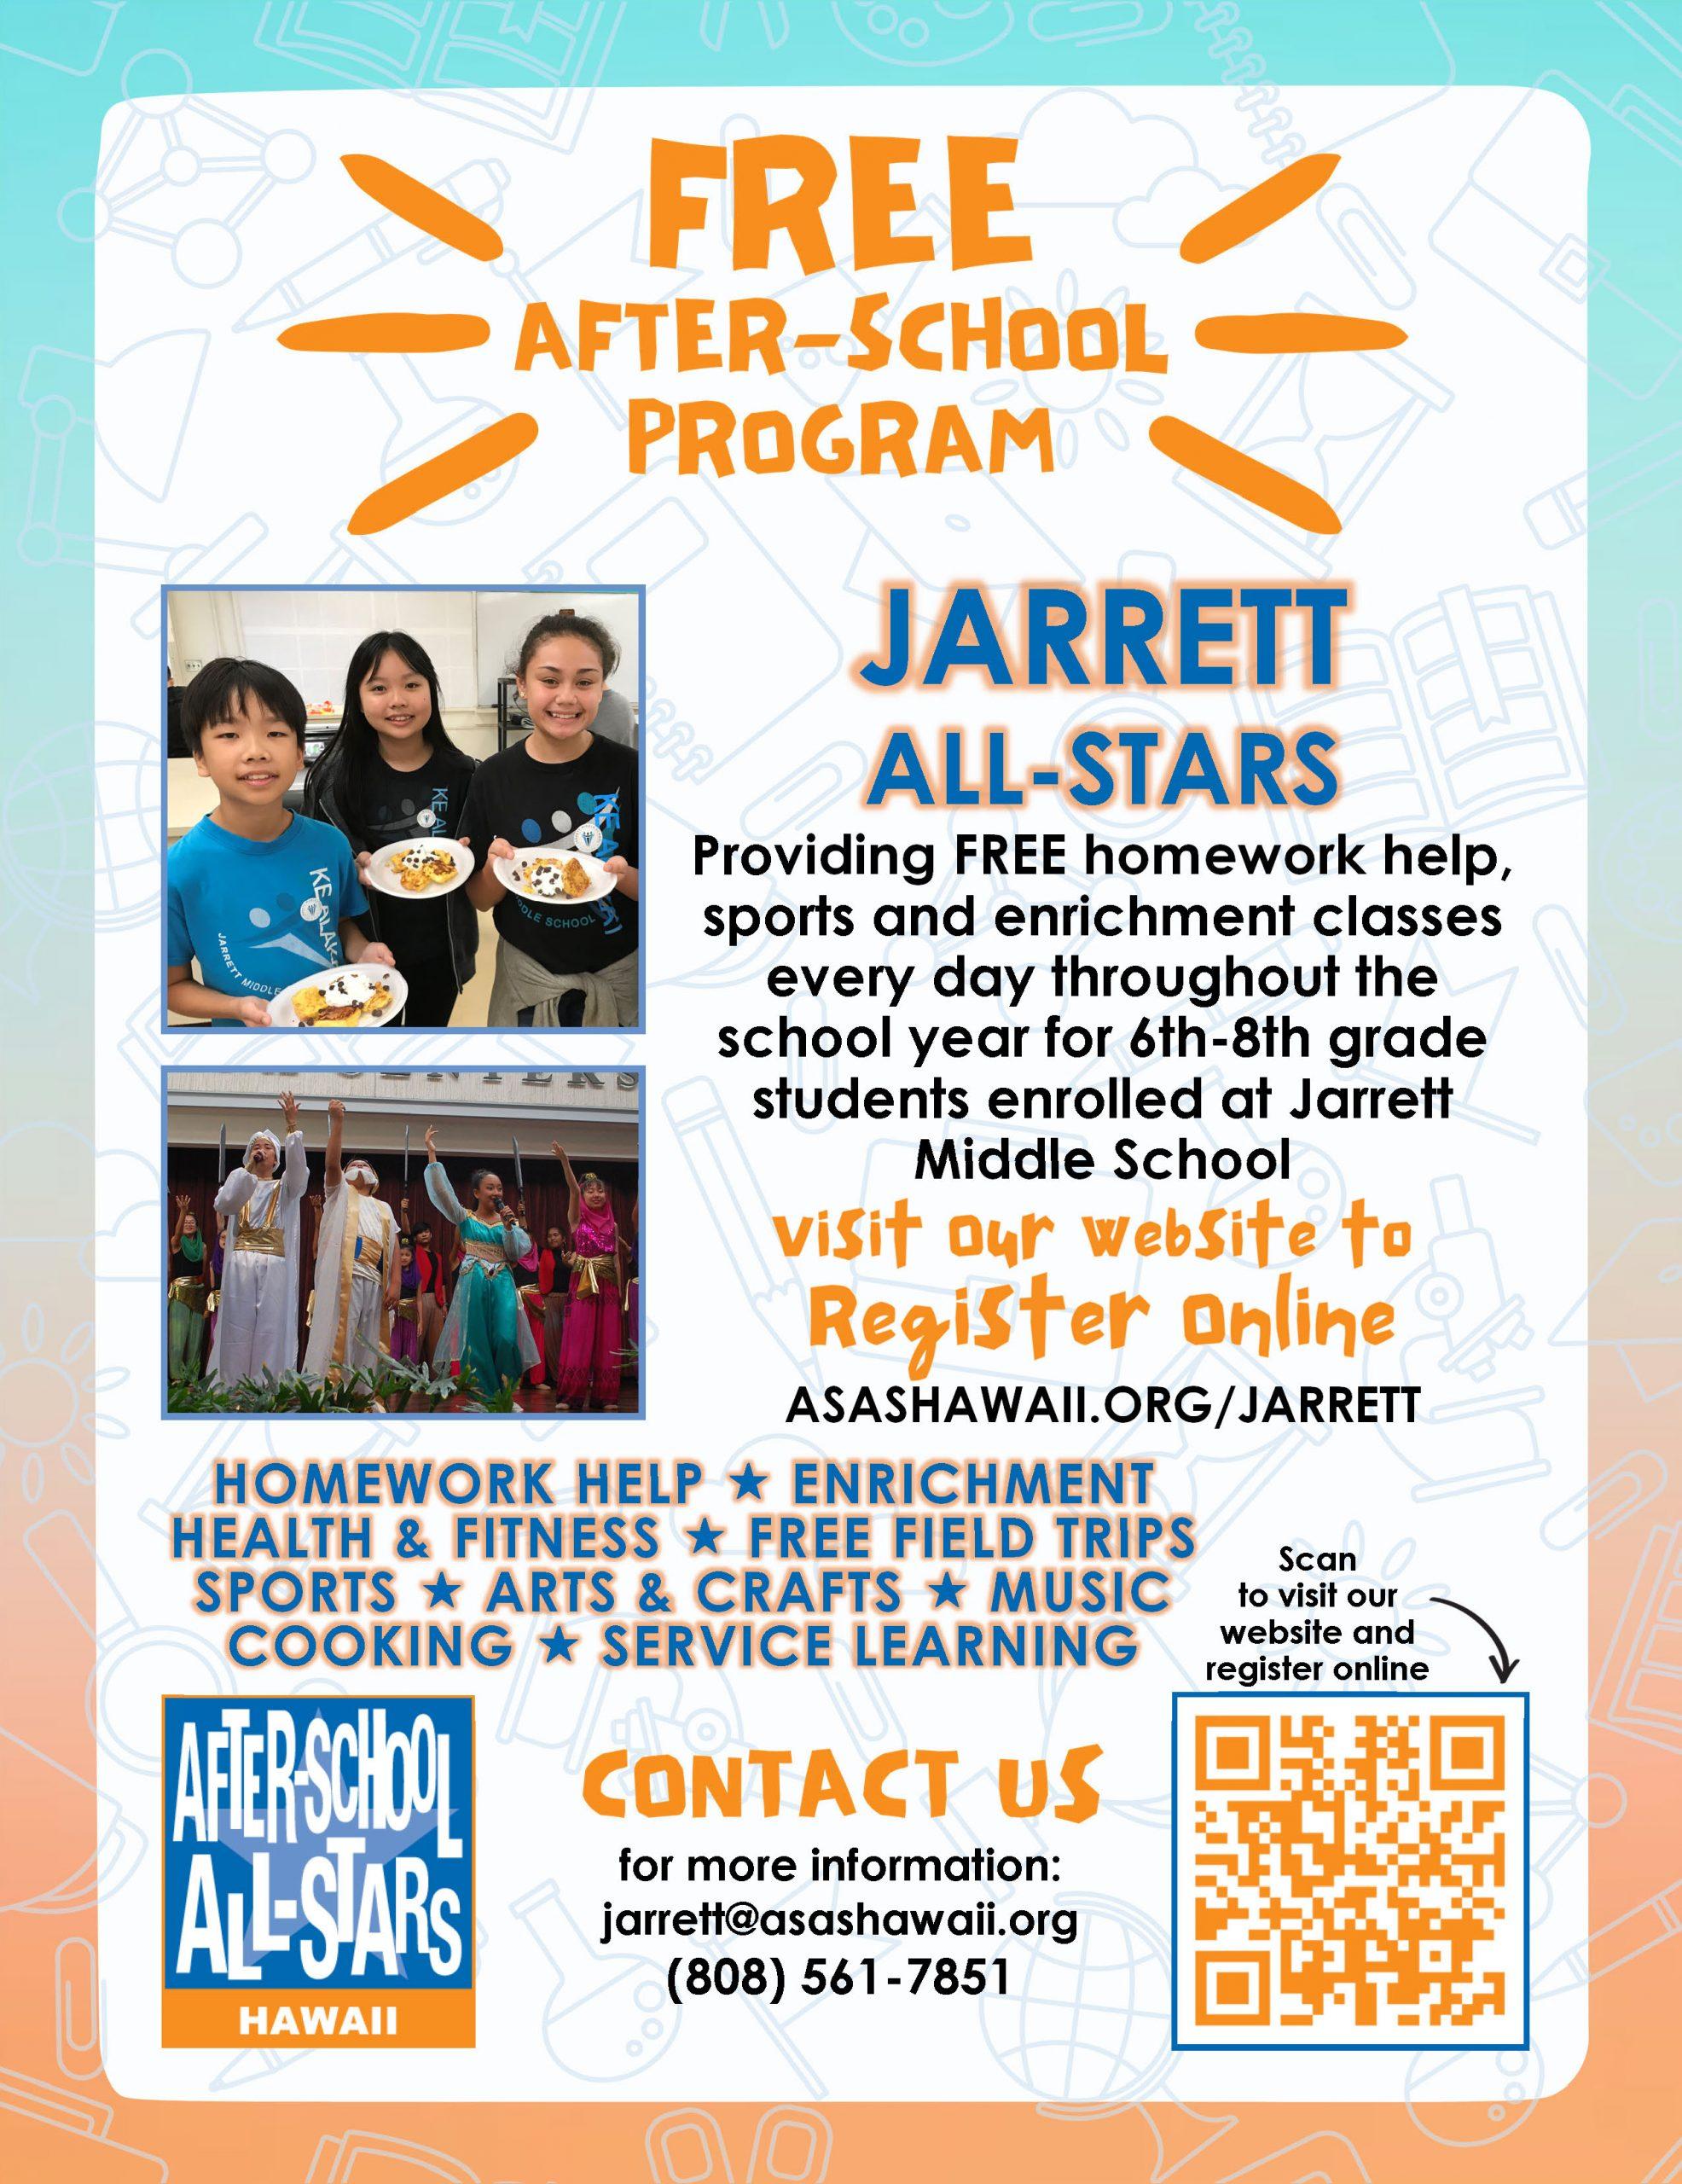 Jarrett All-Stars